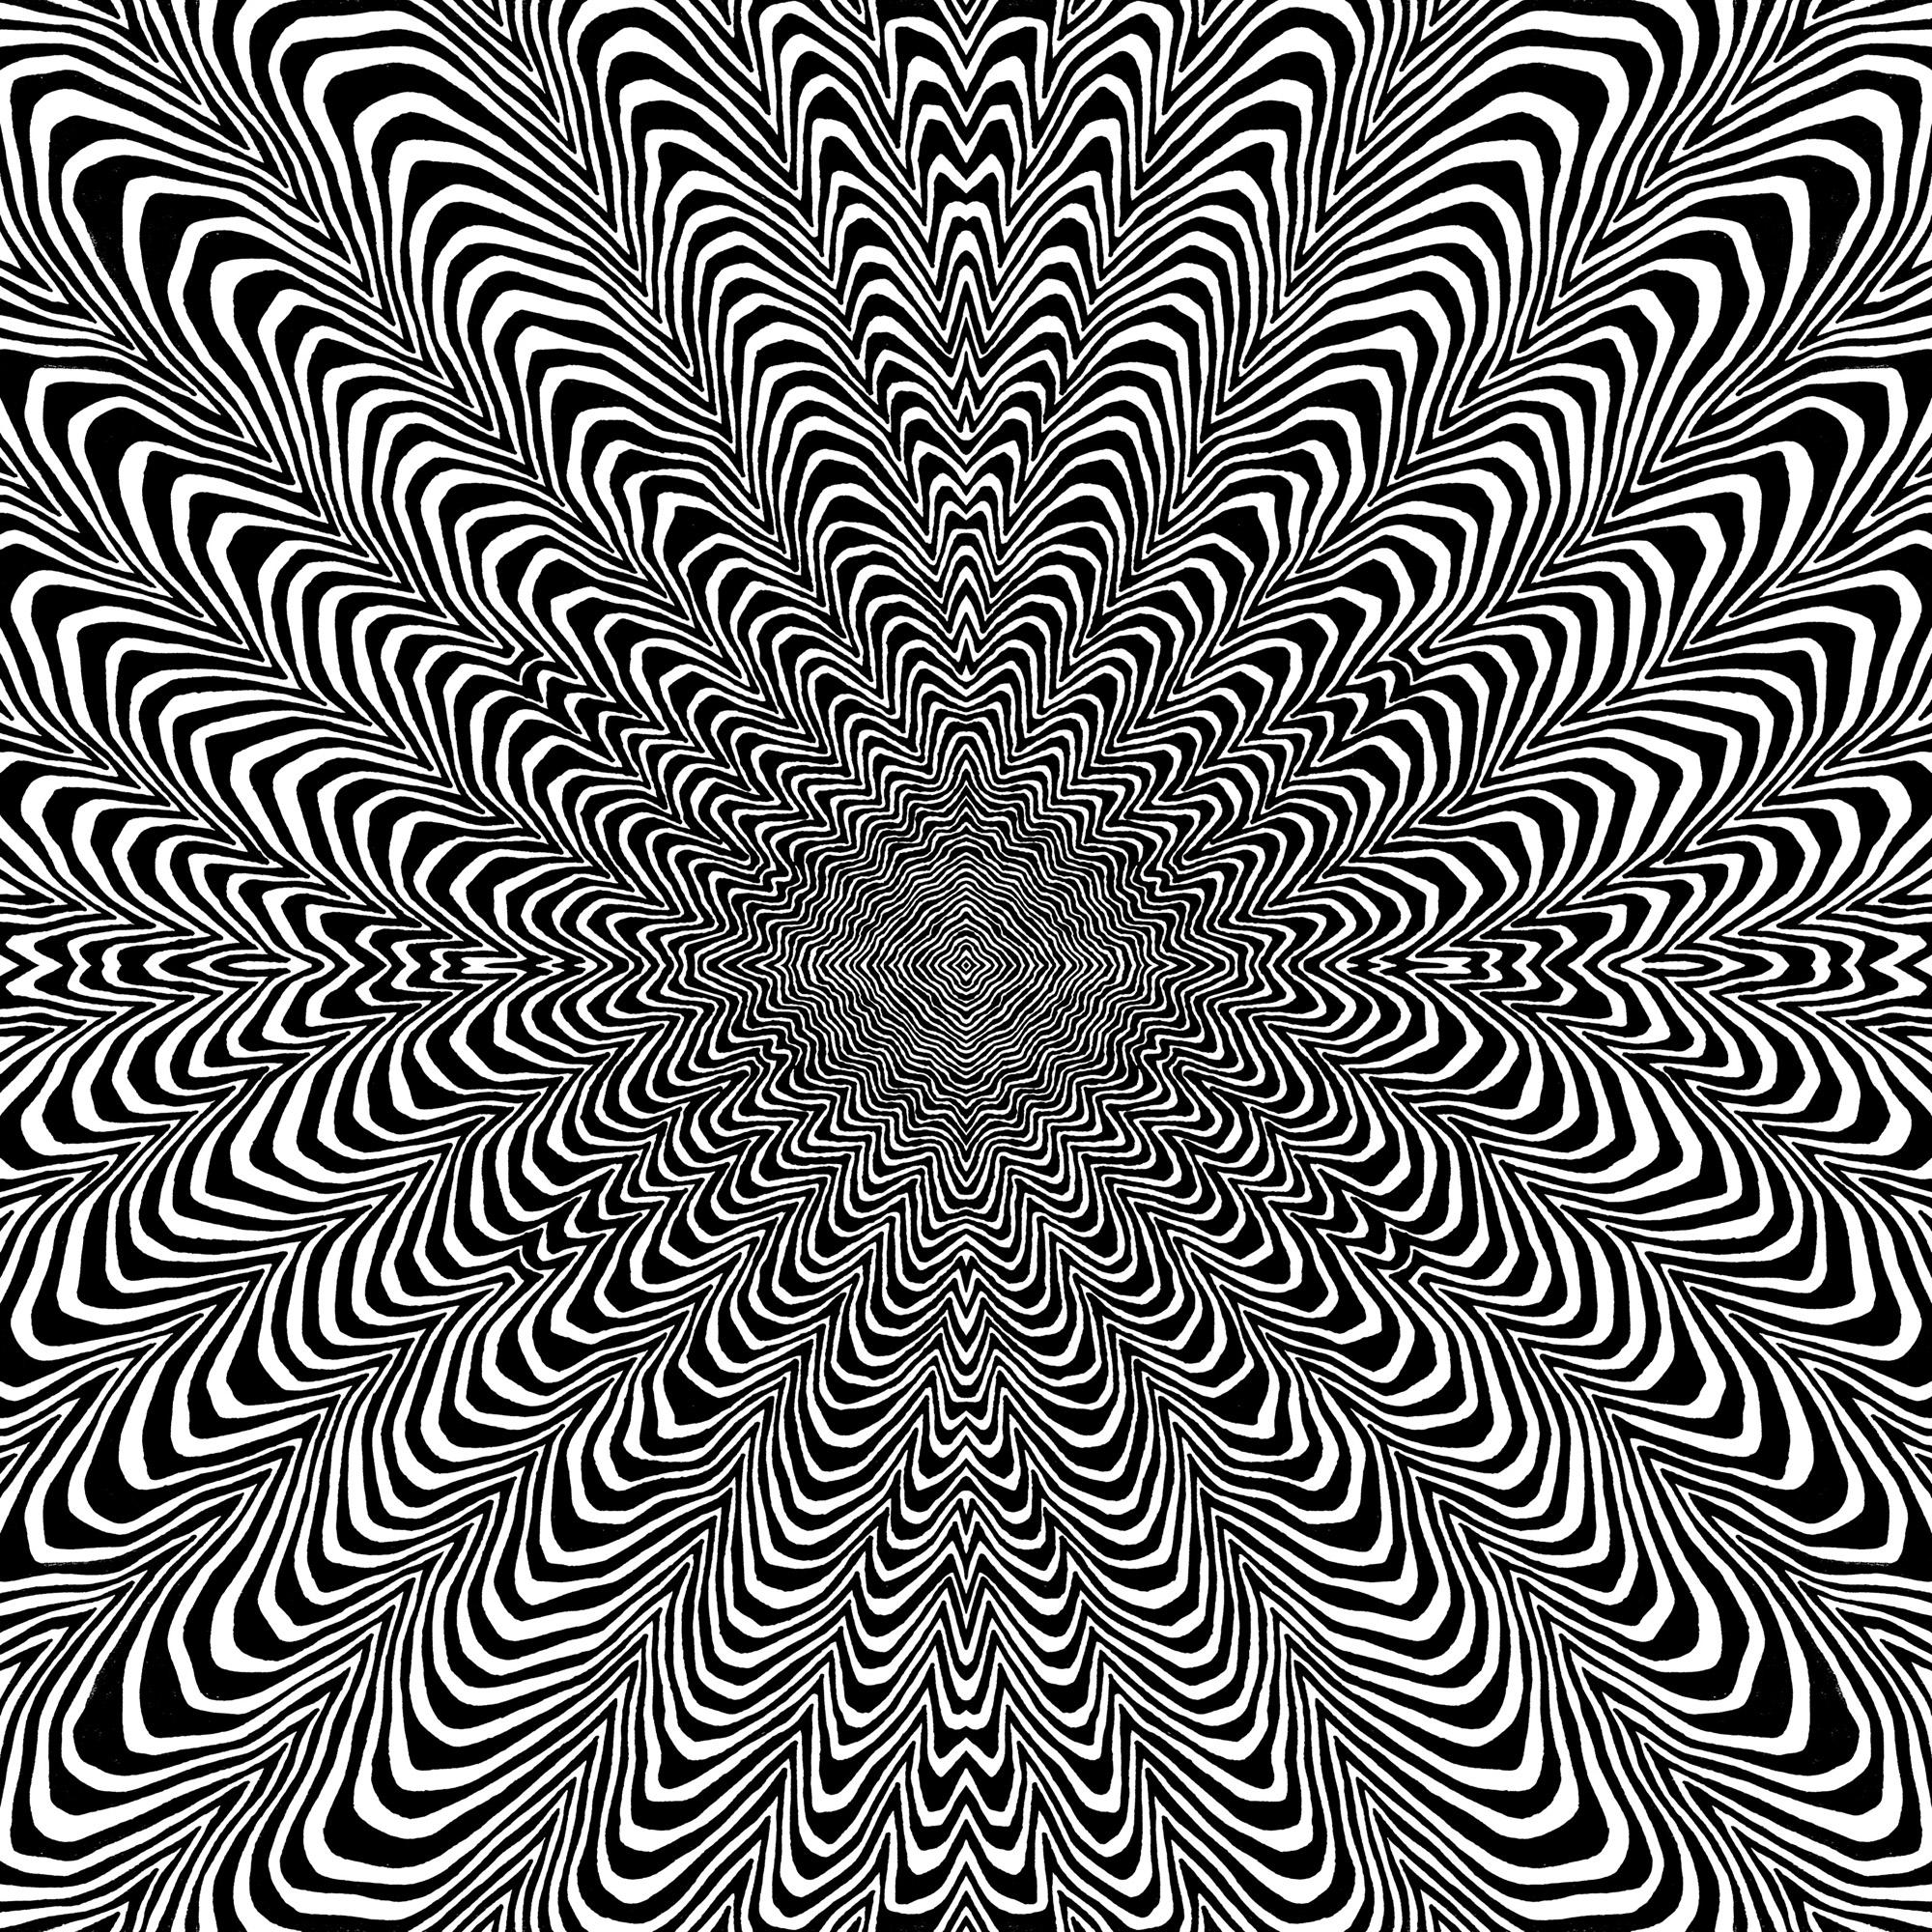 acquerello10-optical